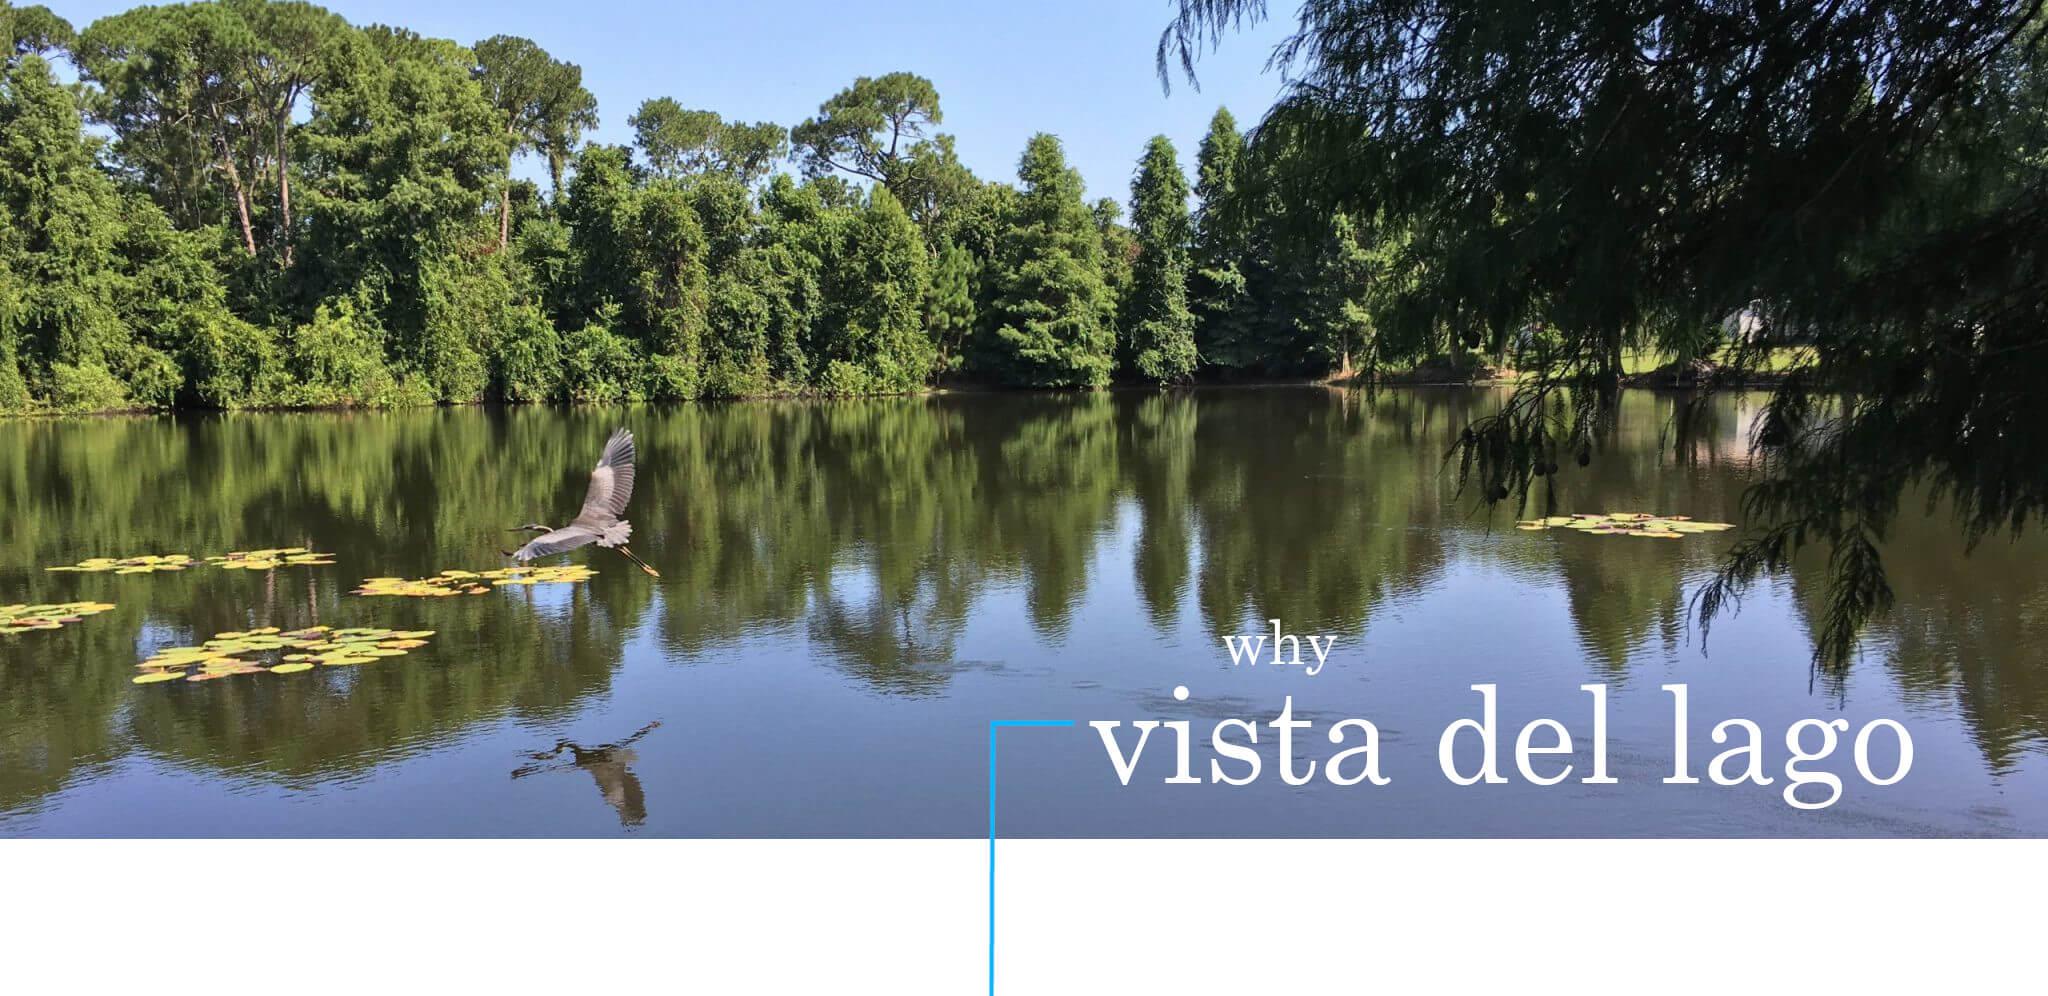 Why Vista